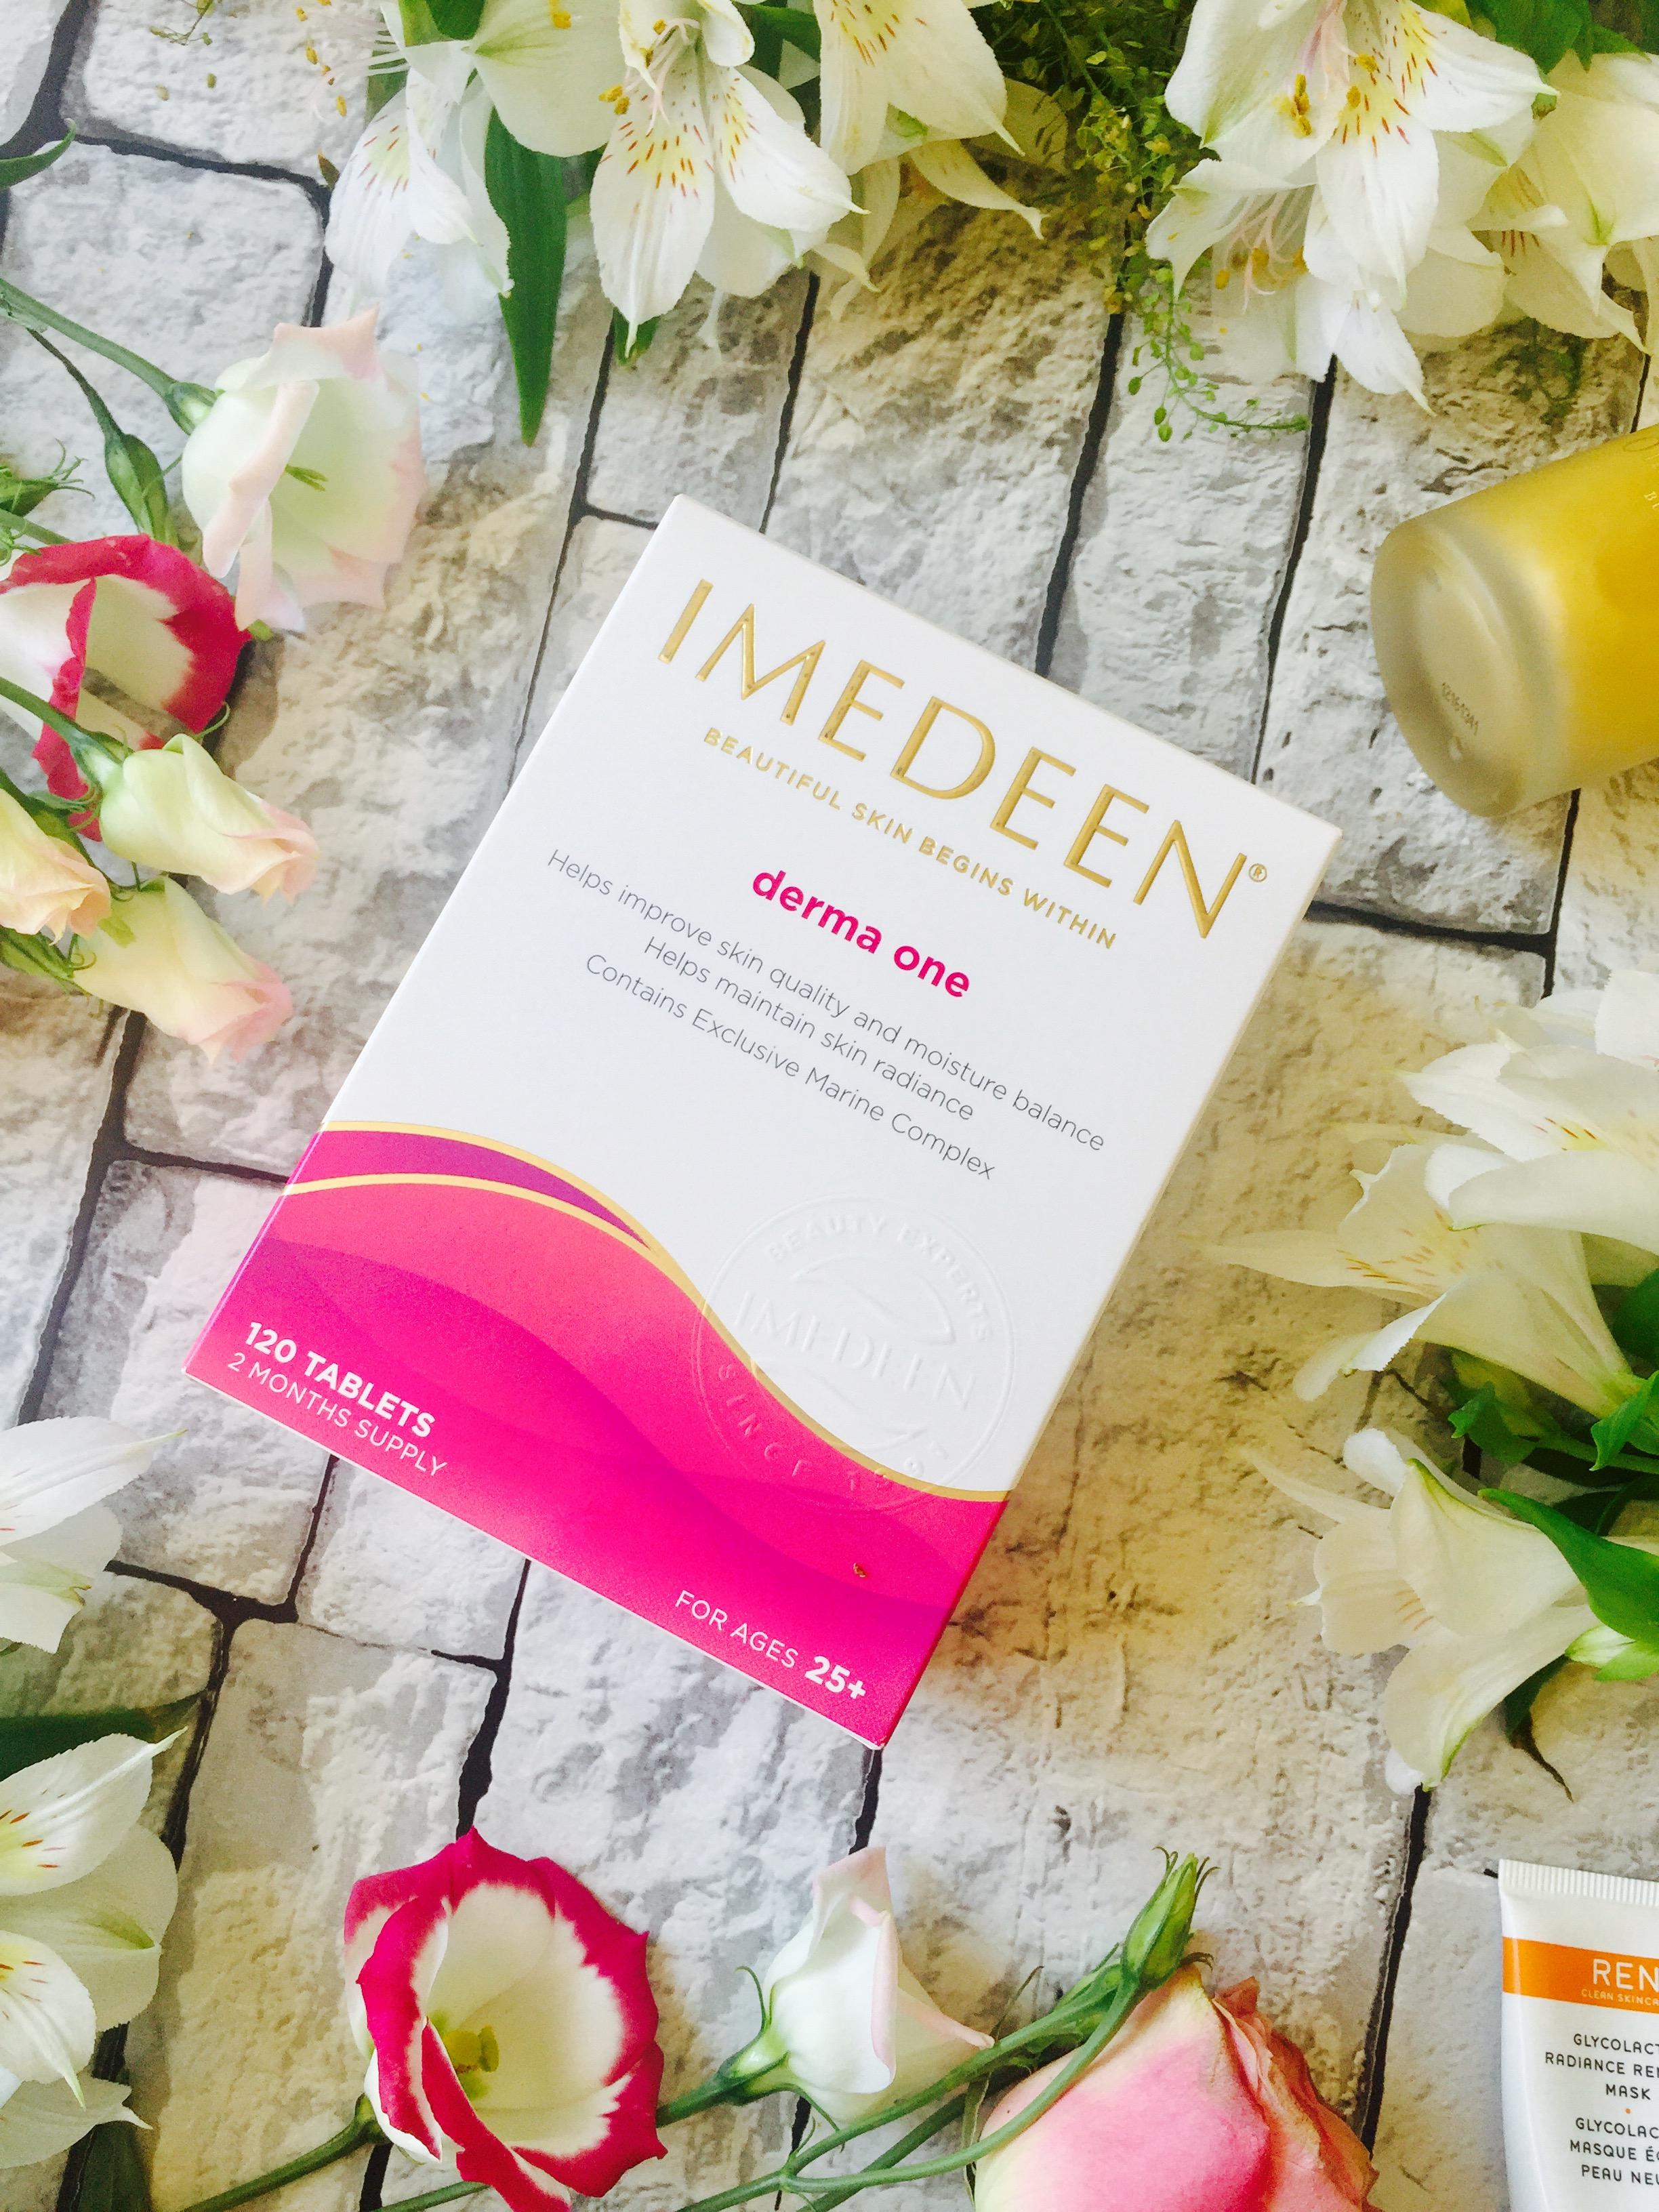 Beauty expert omorovicza filorga Elizabeth Arden Pai gentle cleanser skin health beauty campaign ren vita liberata